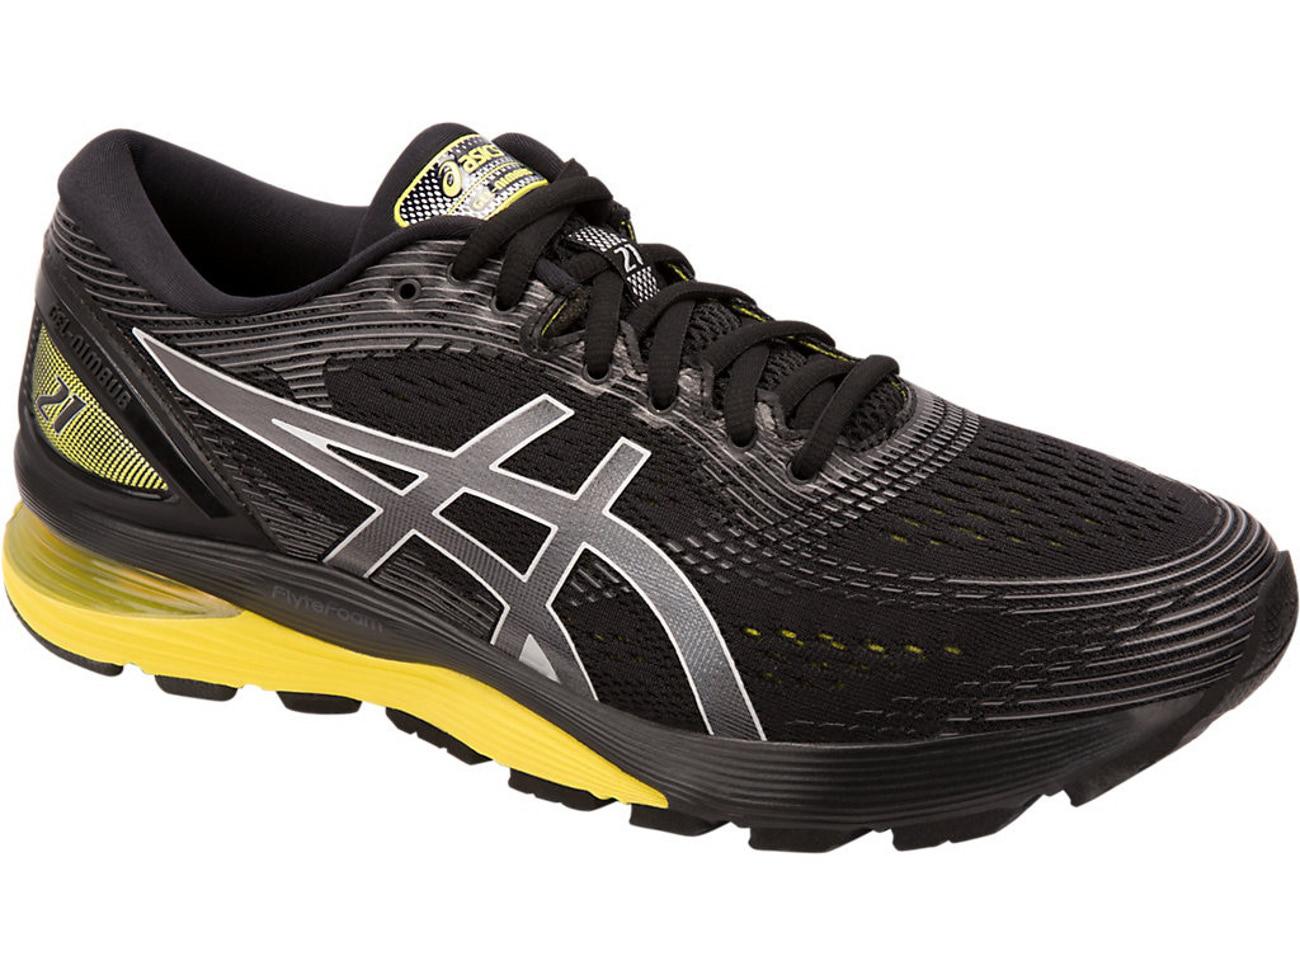 Asics Gel Nimbus 21 Laufschuhe Schuhe Running Herren